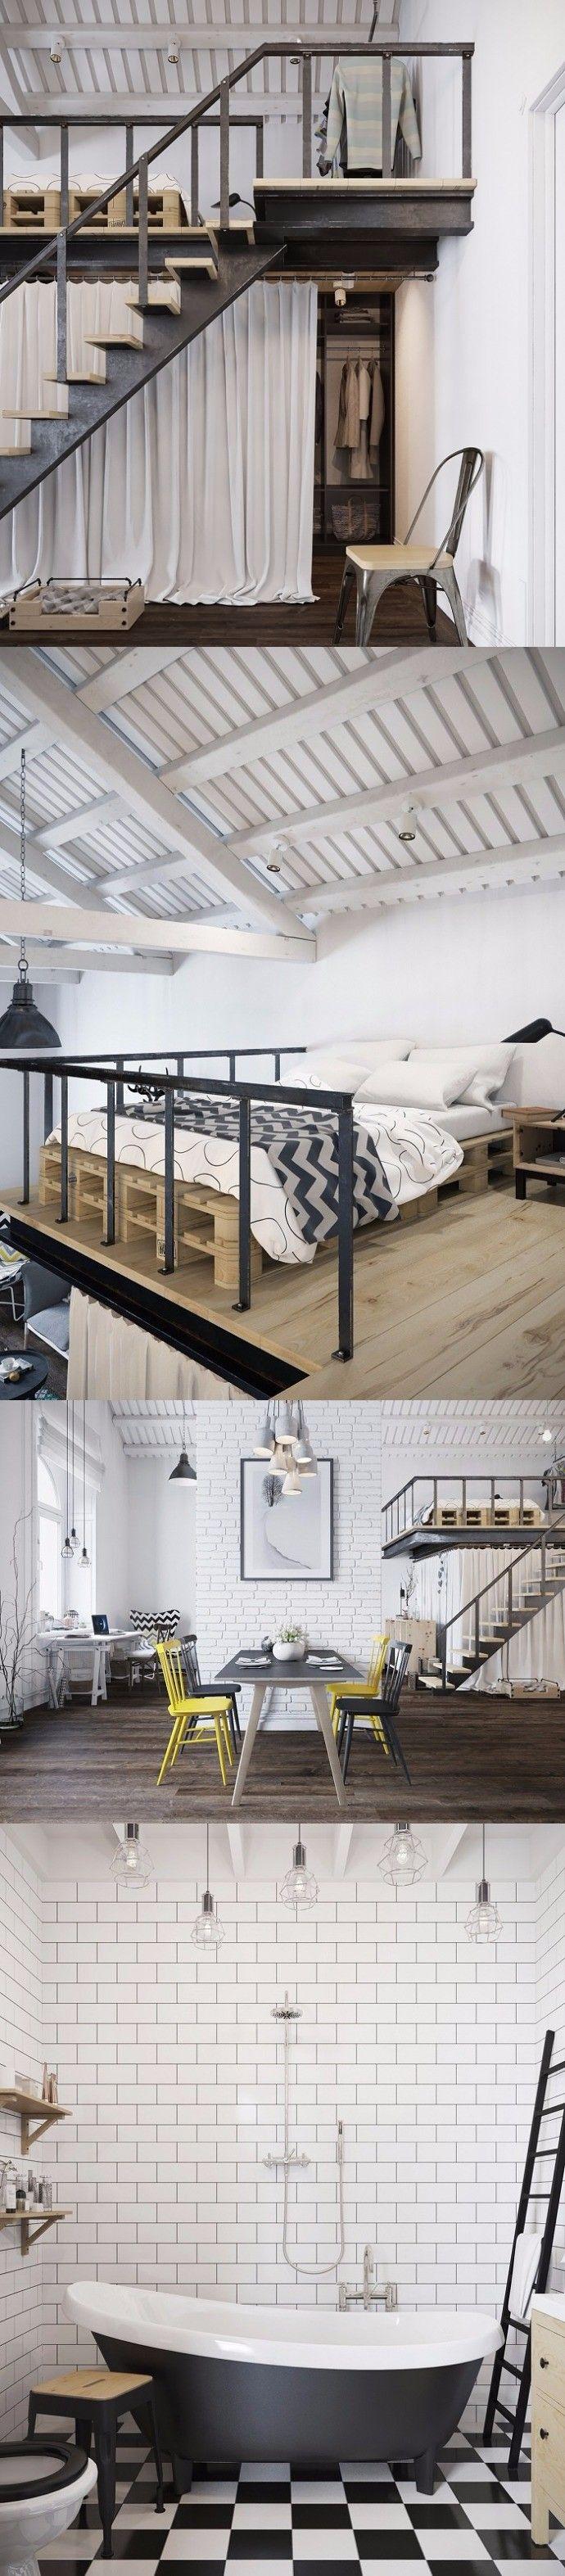 Una casa con detalles curiosos y originales / http://casaenorden.com